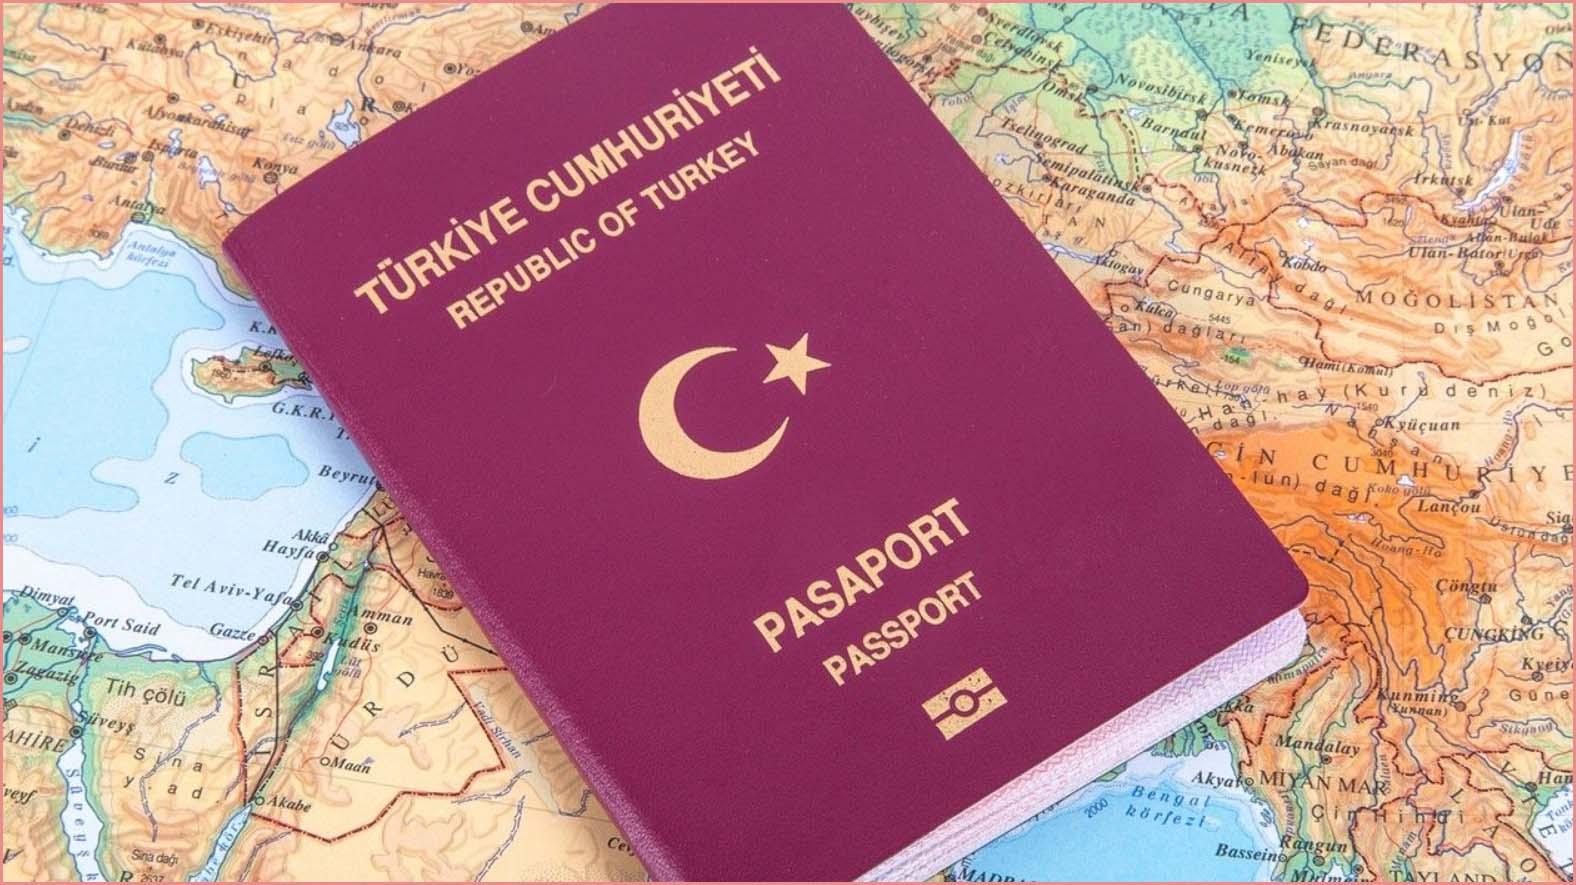 فيزا تركيا للسعوديين بالتفصيل خطوات وشروط الحصول على تأشيرة تركيا